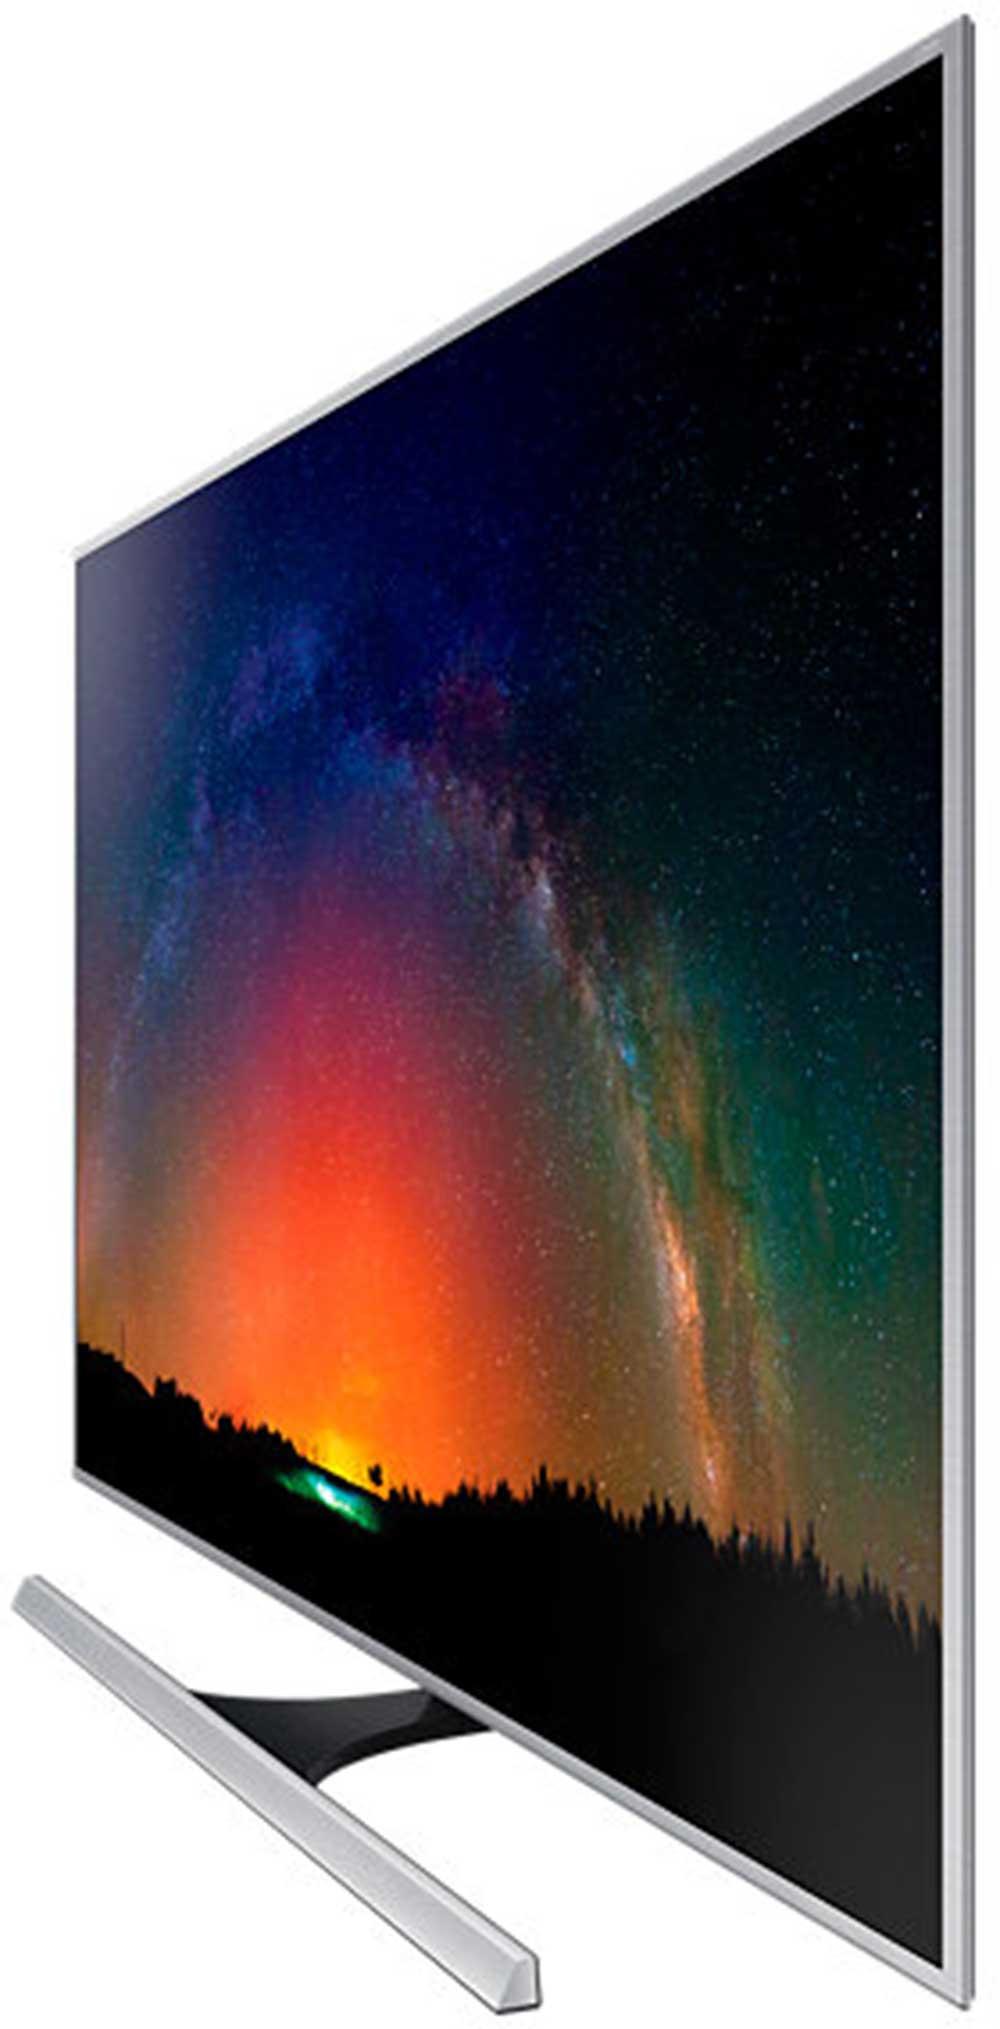 samsung ua 55js8000 55 suhd 4k multisystem smart tv. Black Bedroom Furniture Sets. Home Design Ideas